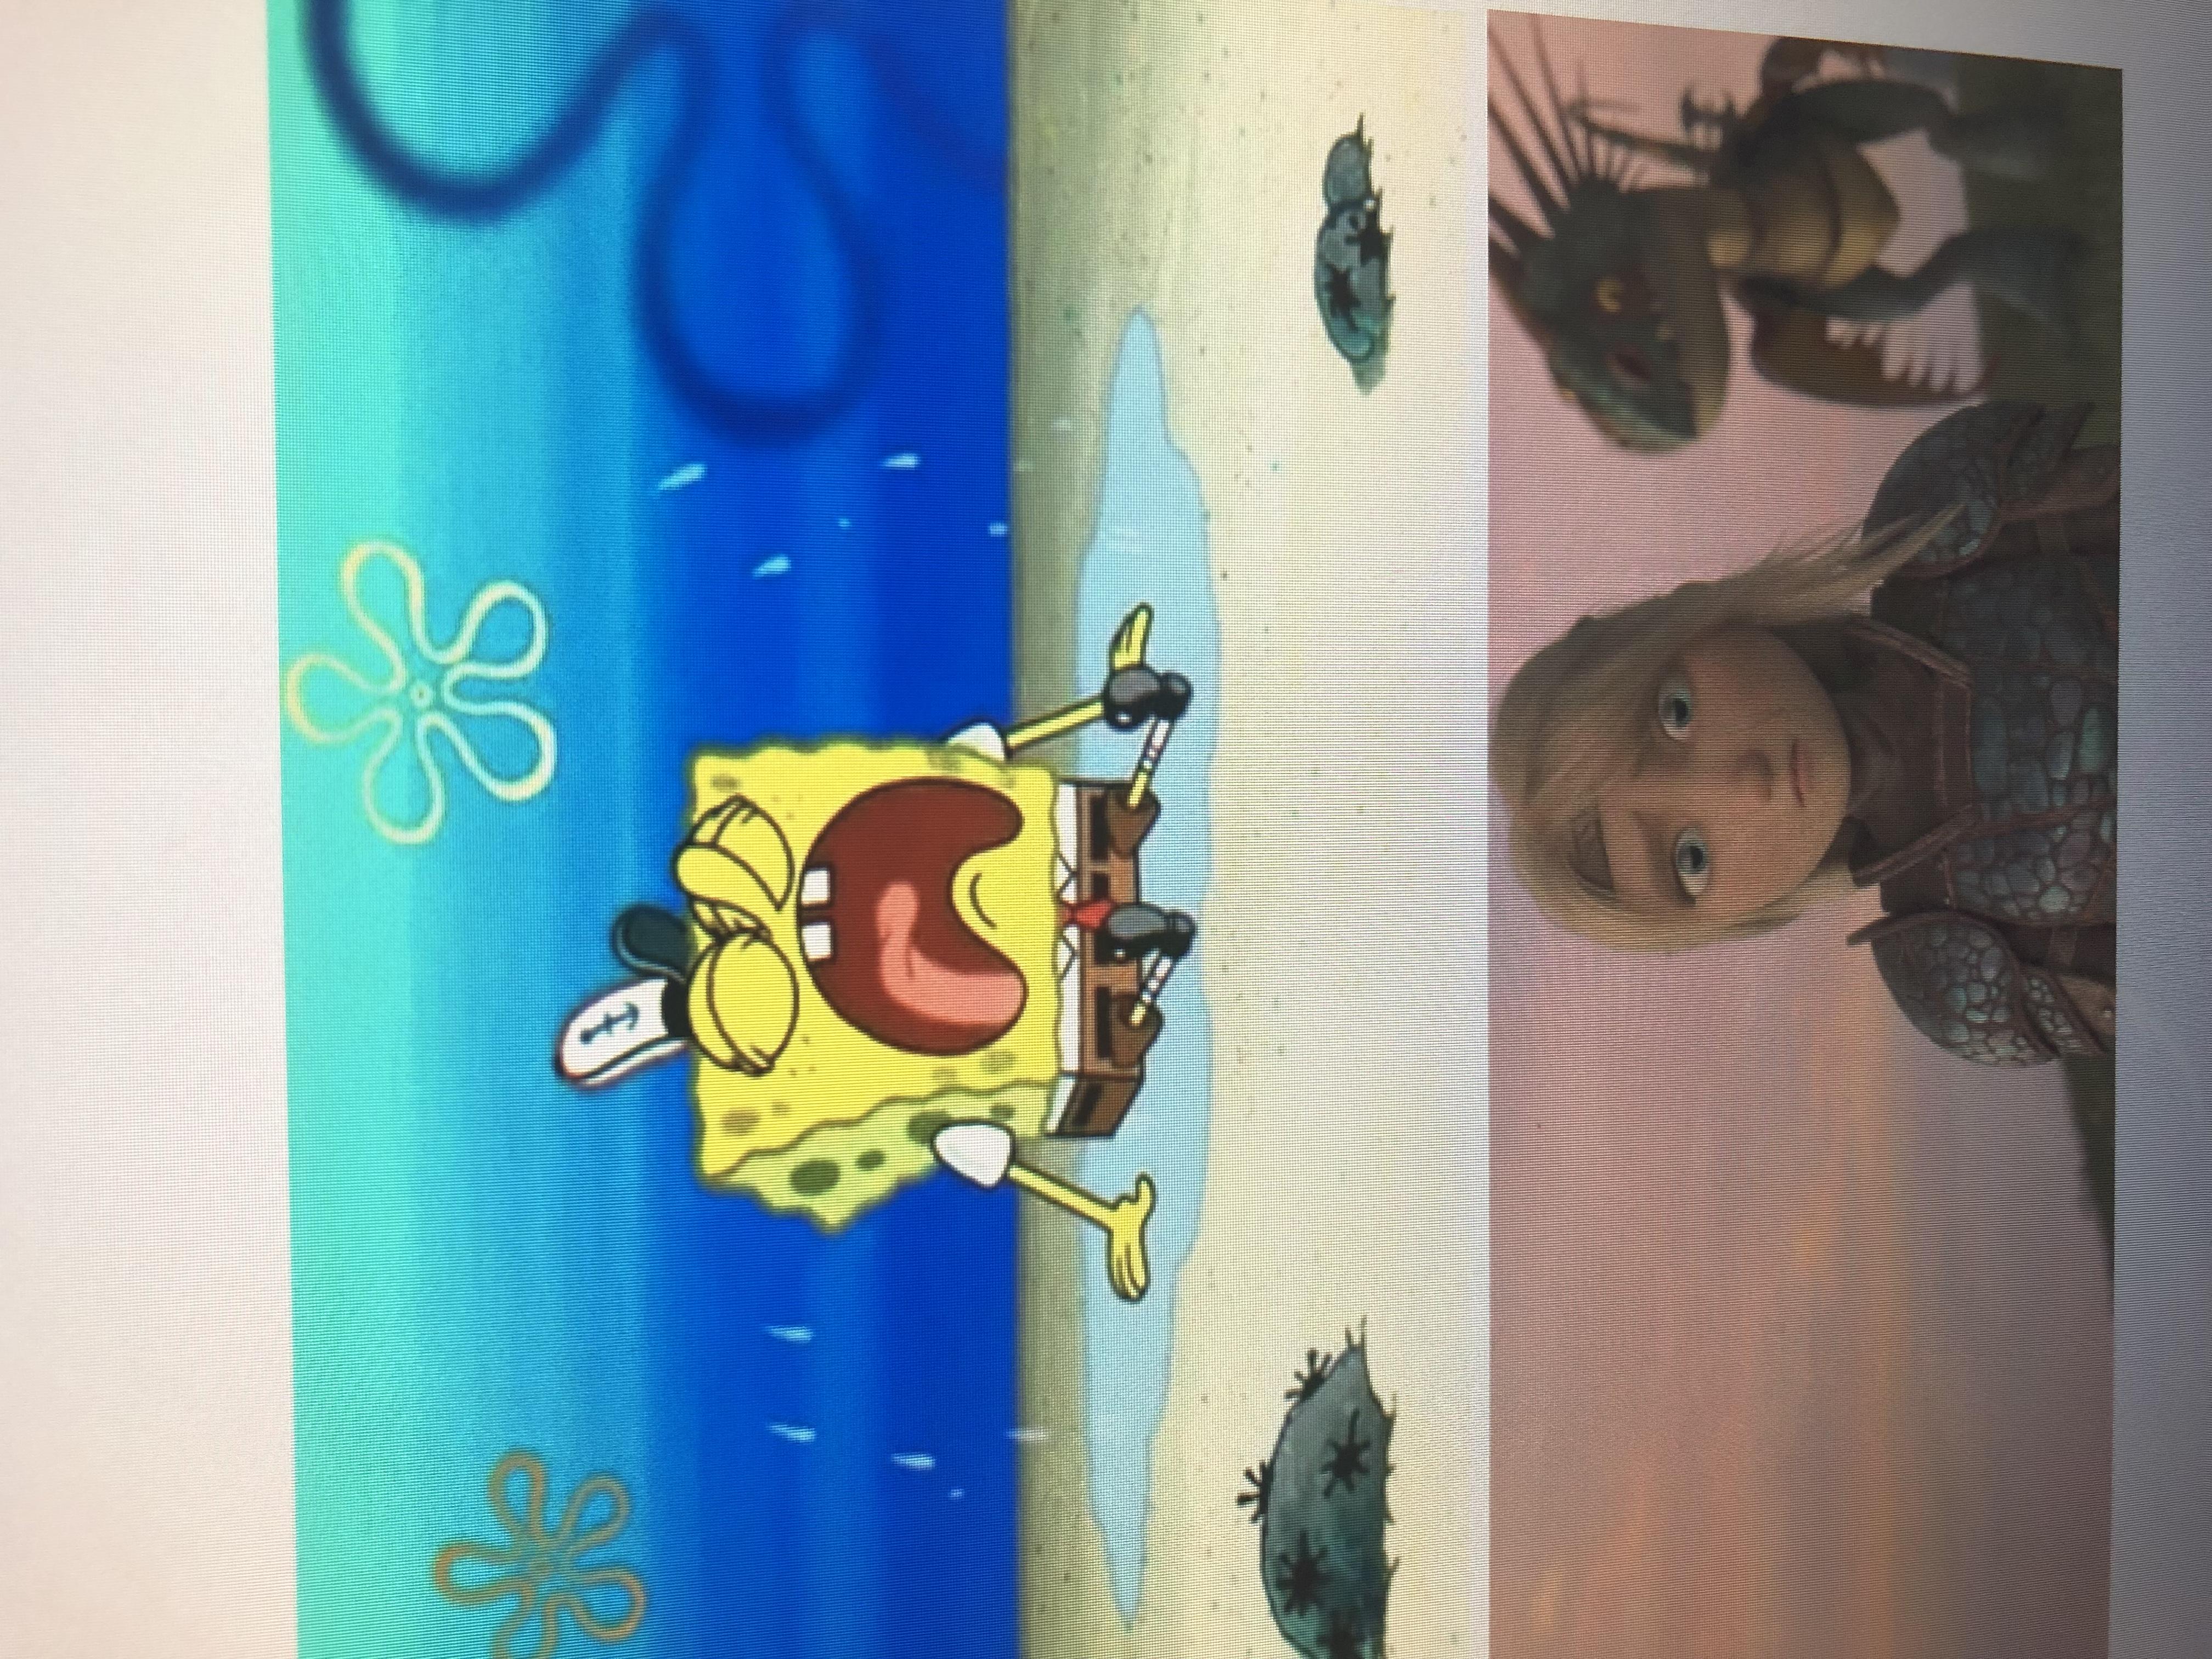 Astrid Feels Bad for Spongebob Squarepants